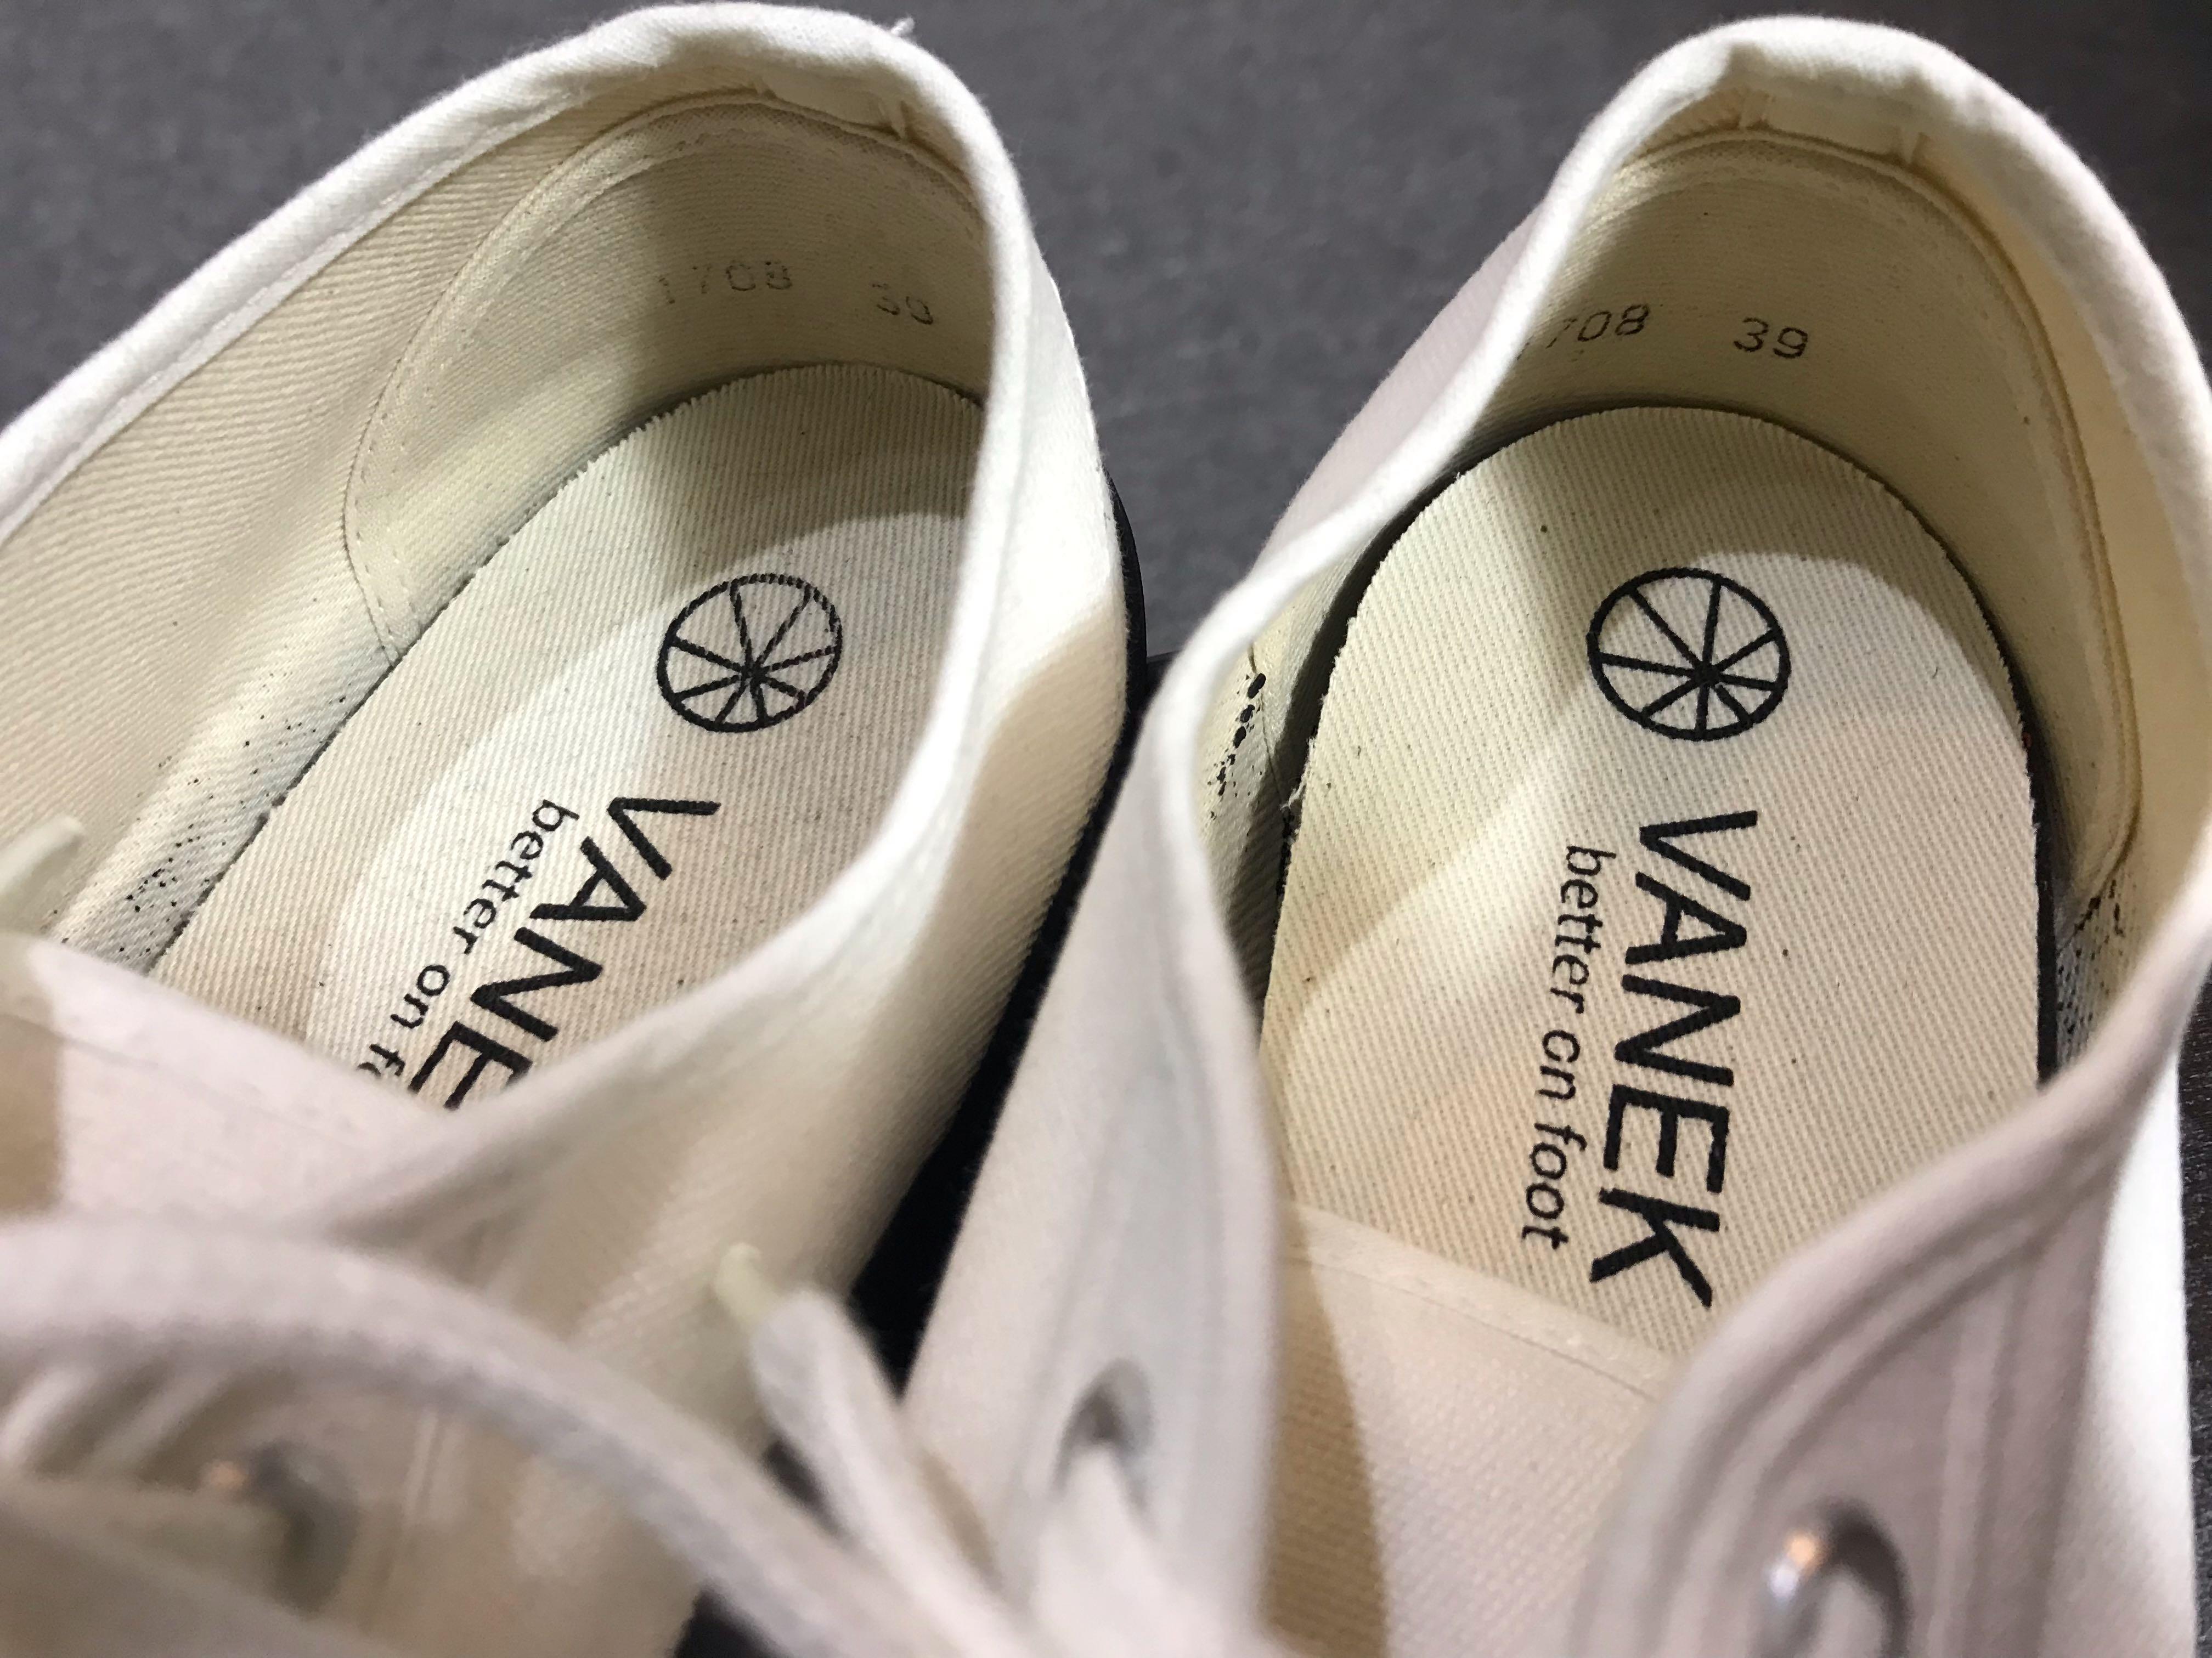 捷克製vanek軍用布鞋size 37 size 39 size 40